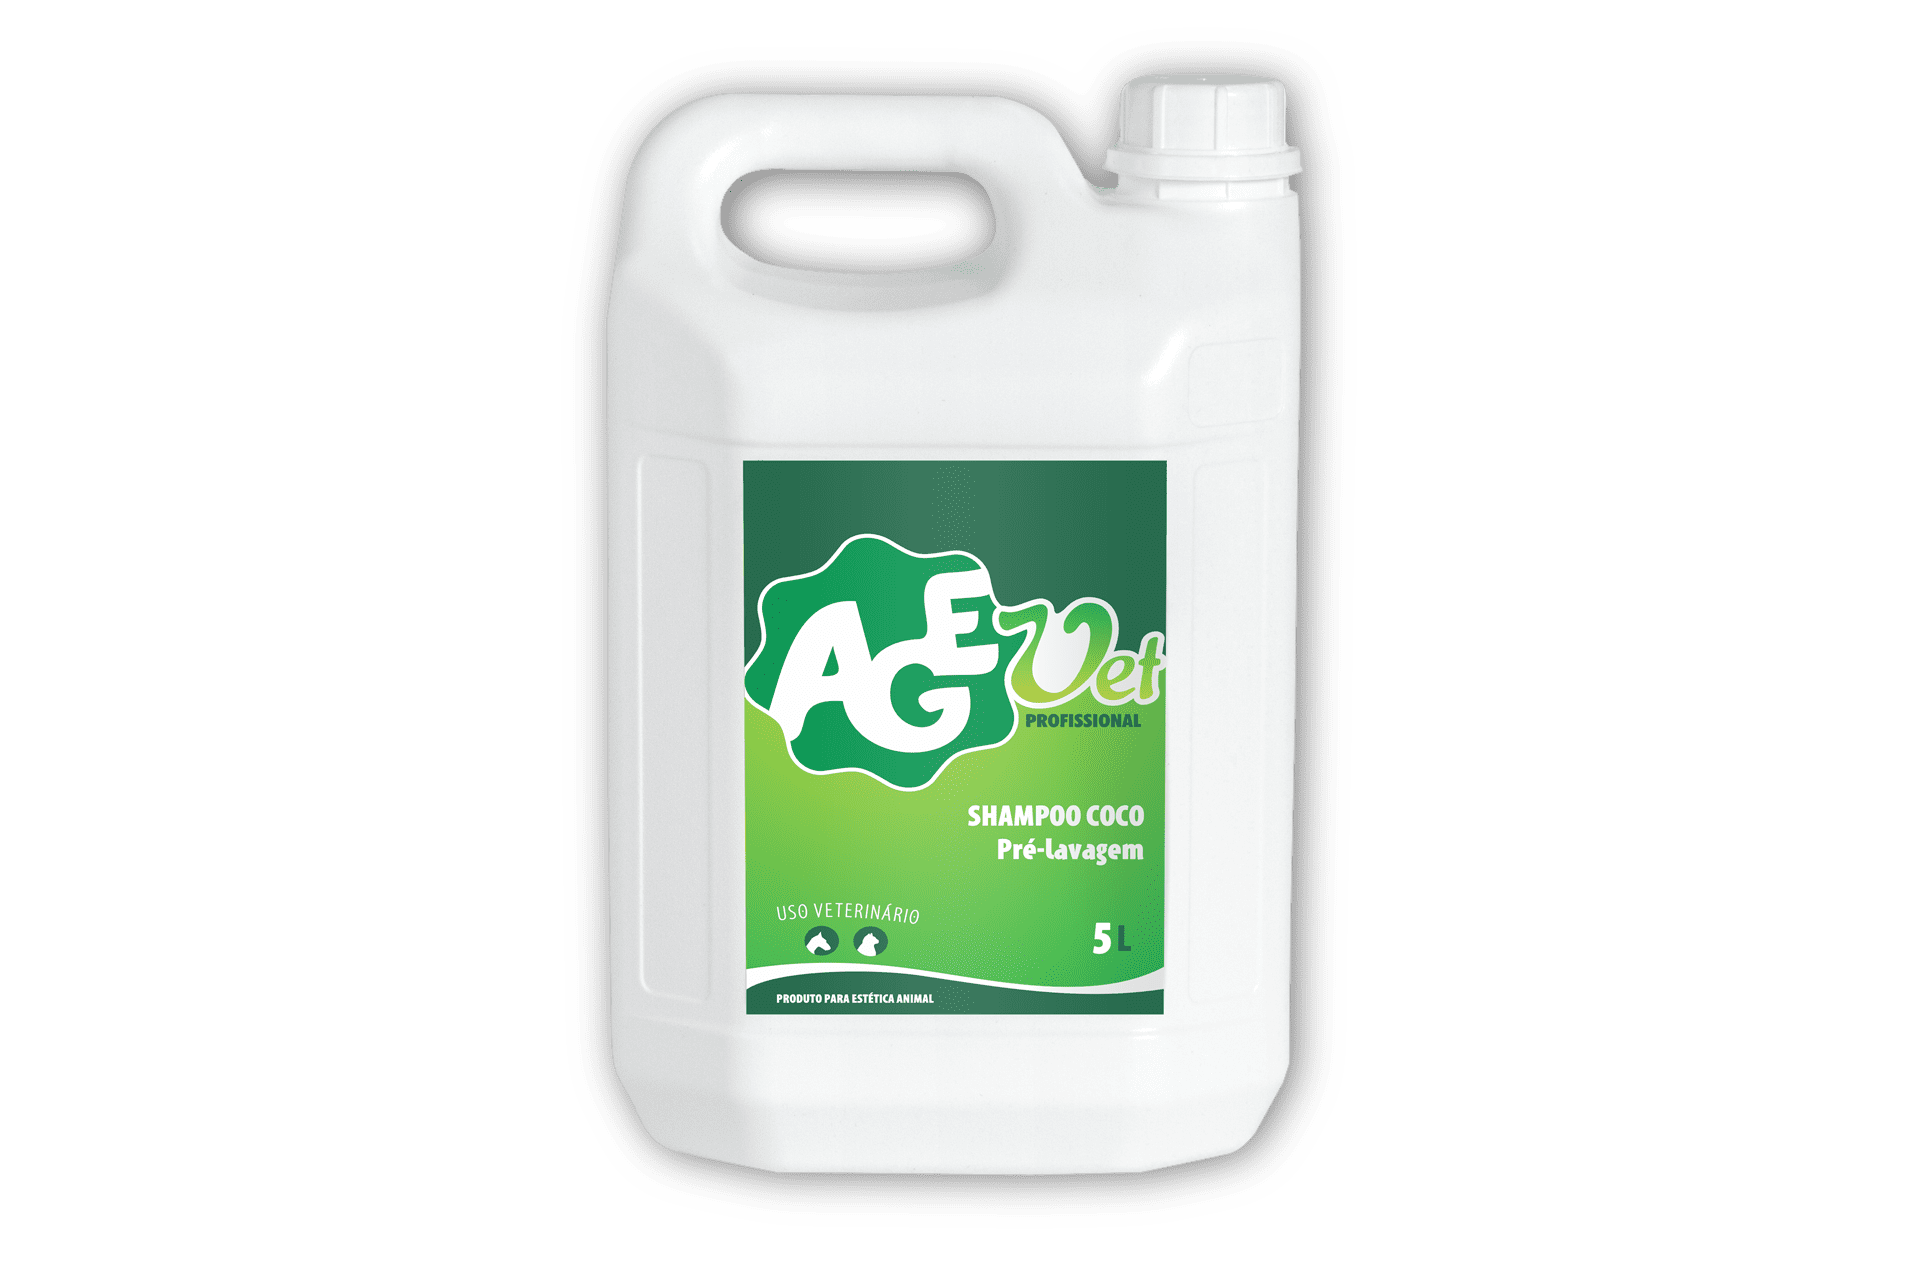 Foto do produto Shampoo Pré-Lavagem Coco 5 Litros para visualização